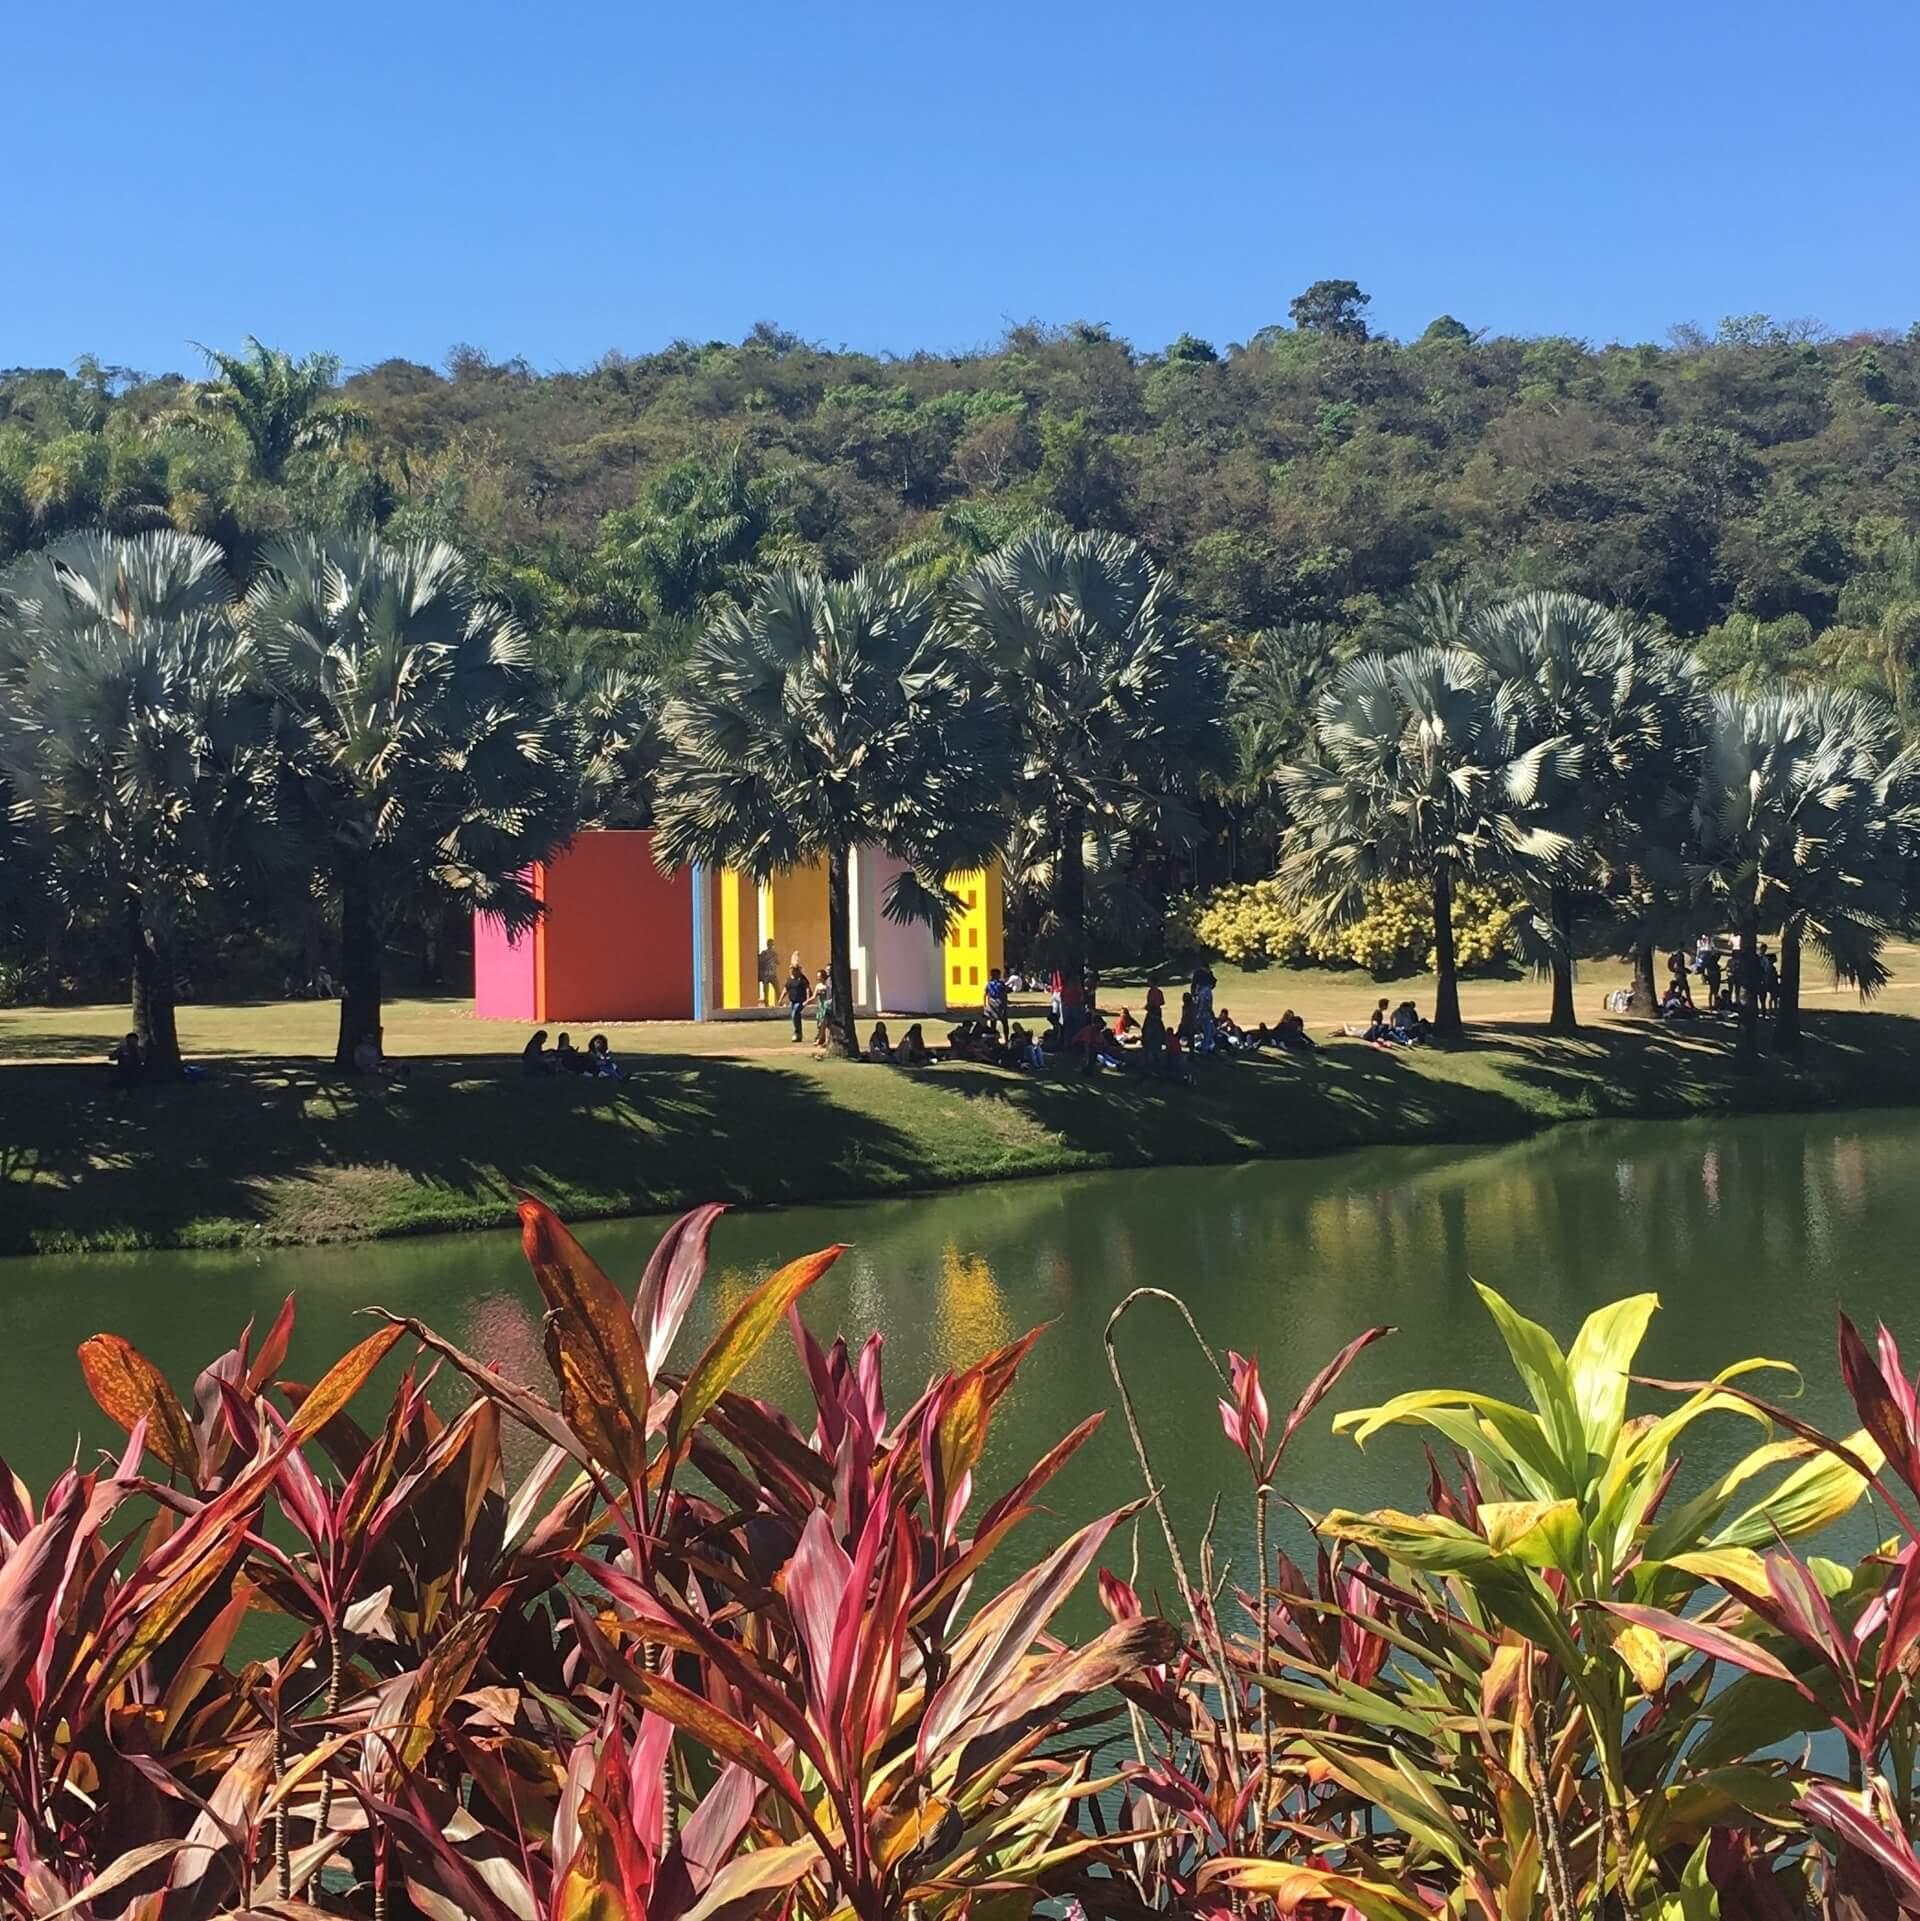 Imagem: O museu é composto de várias galerias e, entre elas estão dispostas outras obras de arte, a vegetação nativa e o projeto paisagístico de Burle Marx. Imagem: acervo pessoal Amanda Tiedt.